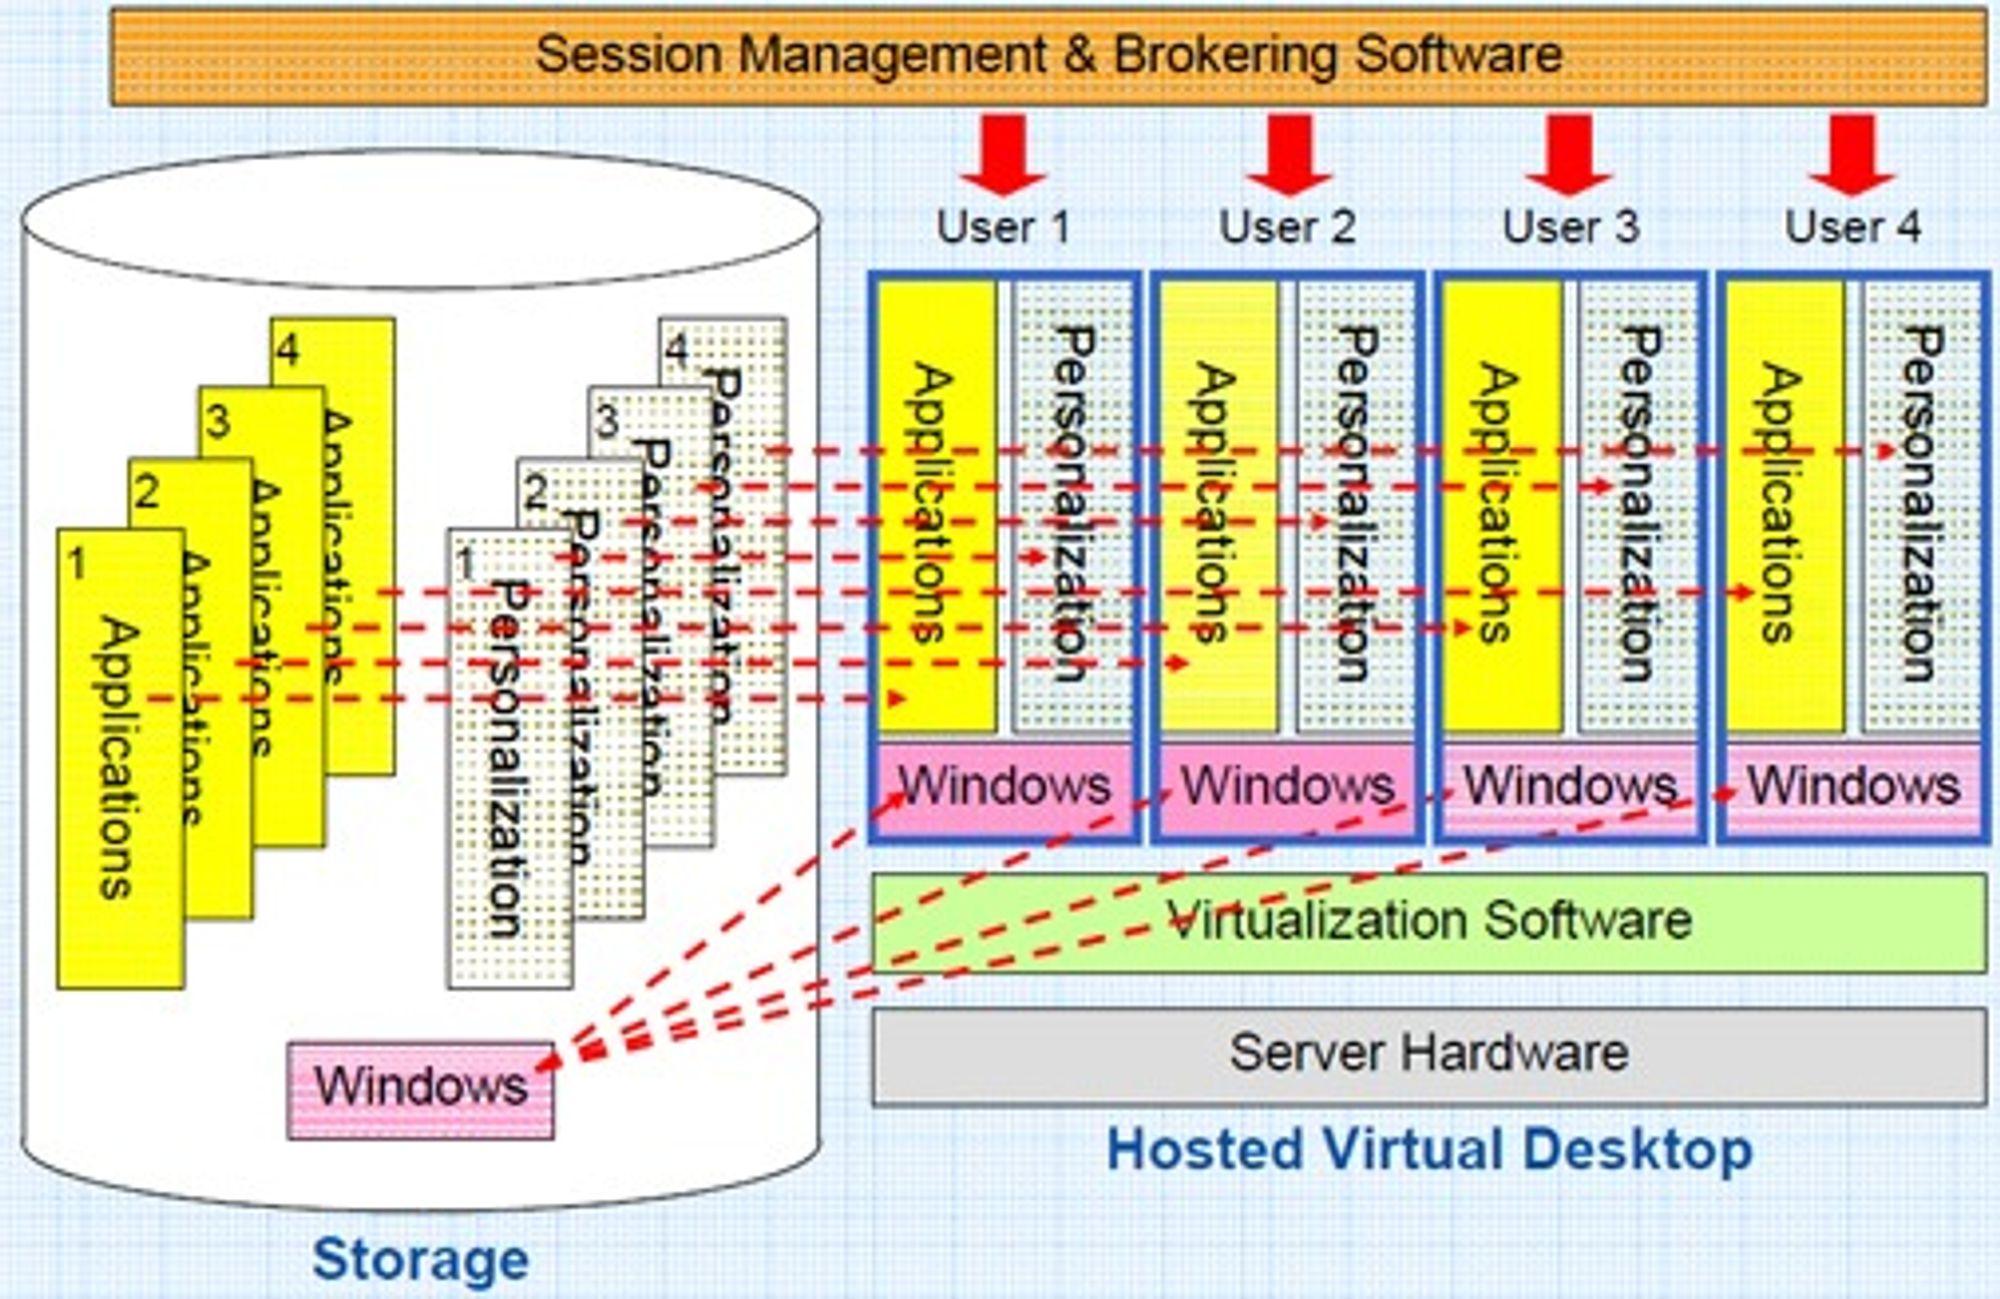 Den fullverdige versjonen av serverbasert virtuell pc har tre lag for henholdsvis operativsystem, applikasjoner og personlig tilrettelegging. Alle brukere har hver sin virtuelle pc, men sentralt lagres Windows og hver applikasjon bare én gang. Et «meklende mellomlag» («session management and brokering») håndhever rettigheter og aksess, og sikrer at hver bruker får komponentene og tjenestene man har krav på.